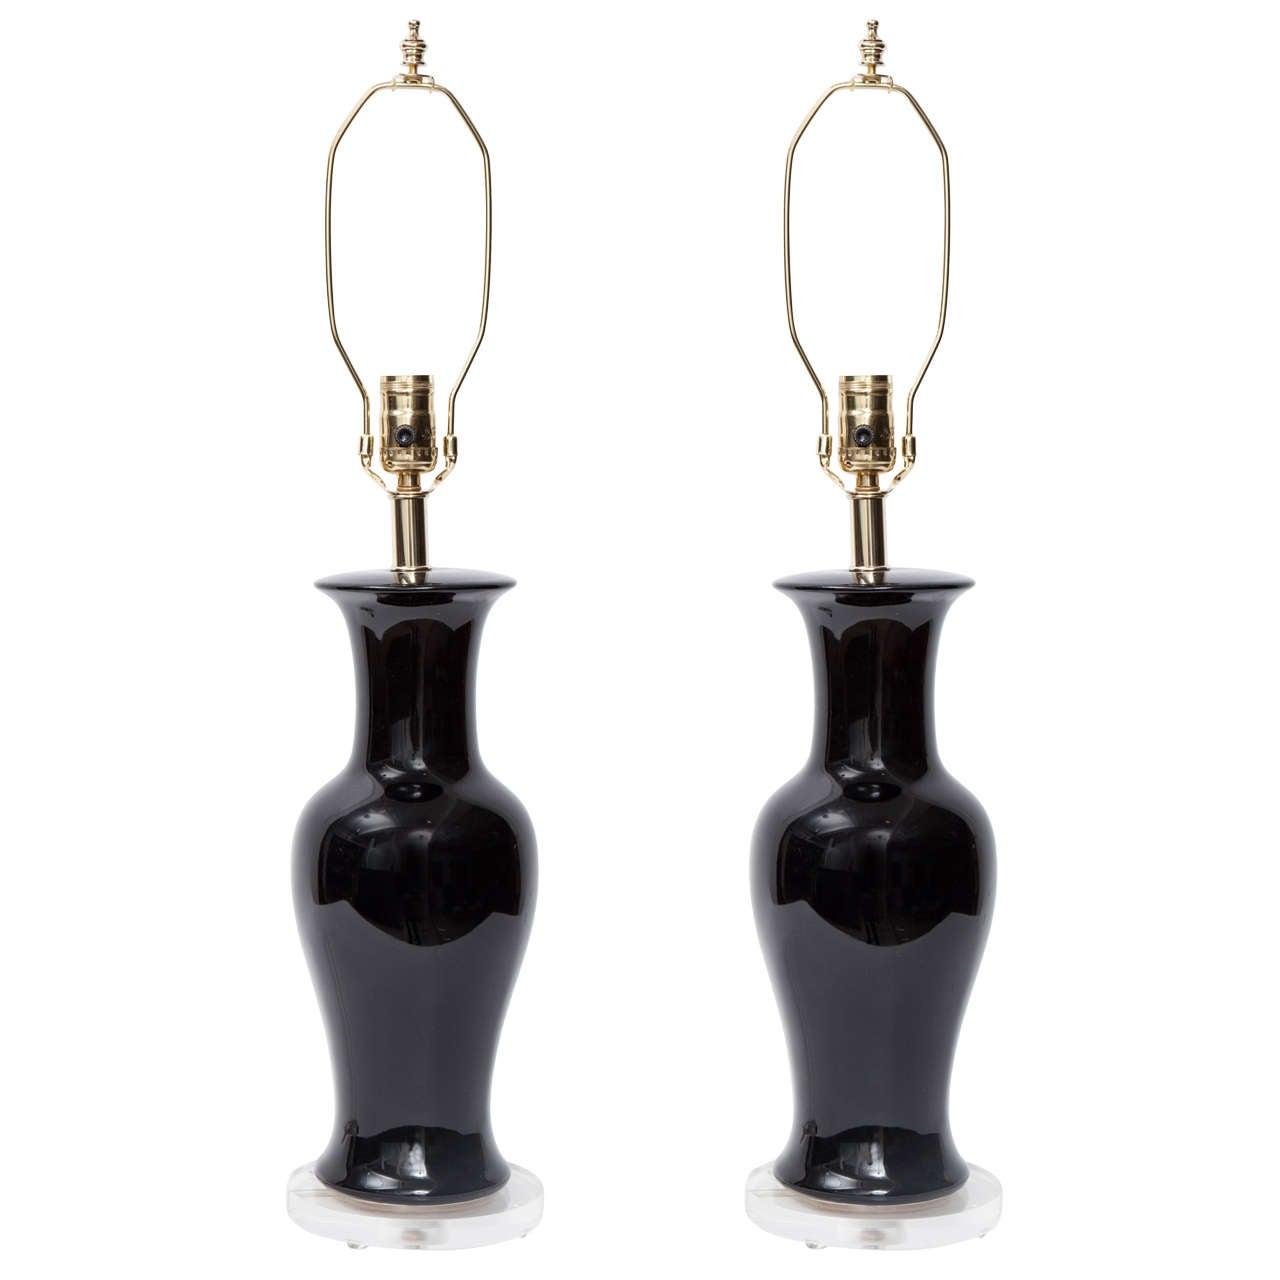 Pair of Black Urn Ceramic Lamps